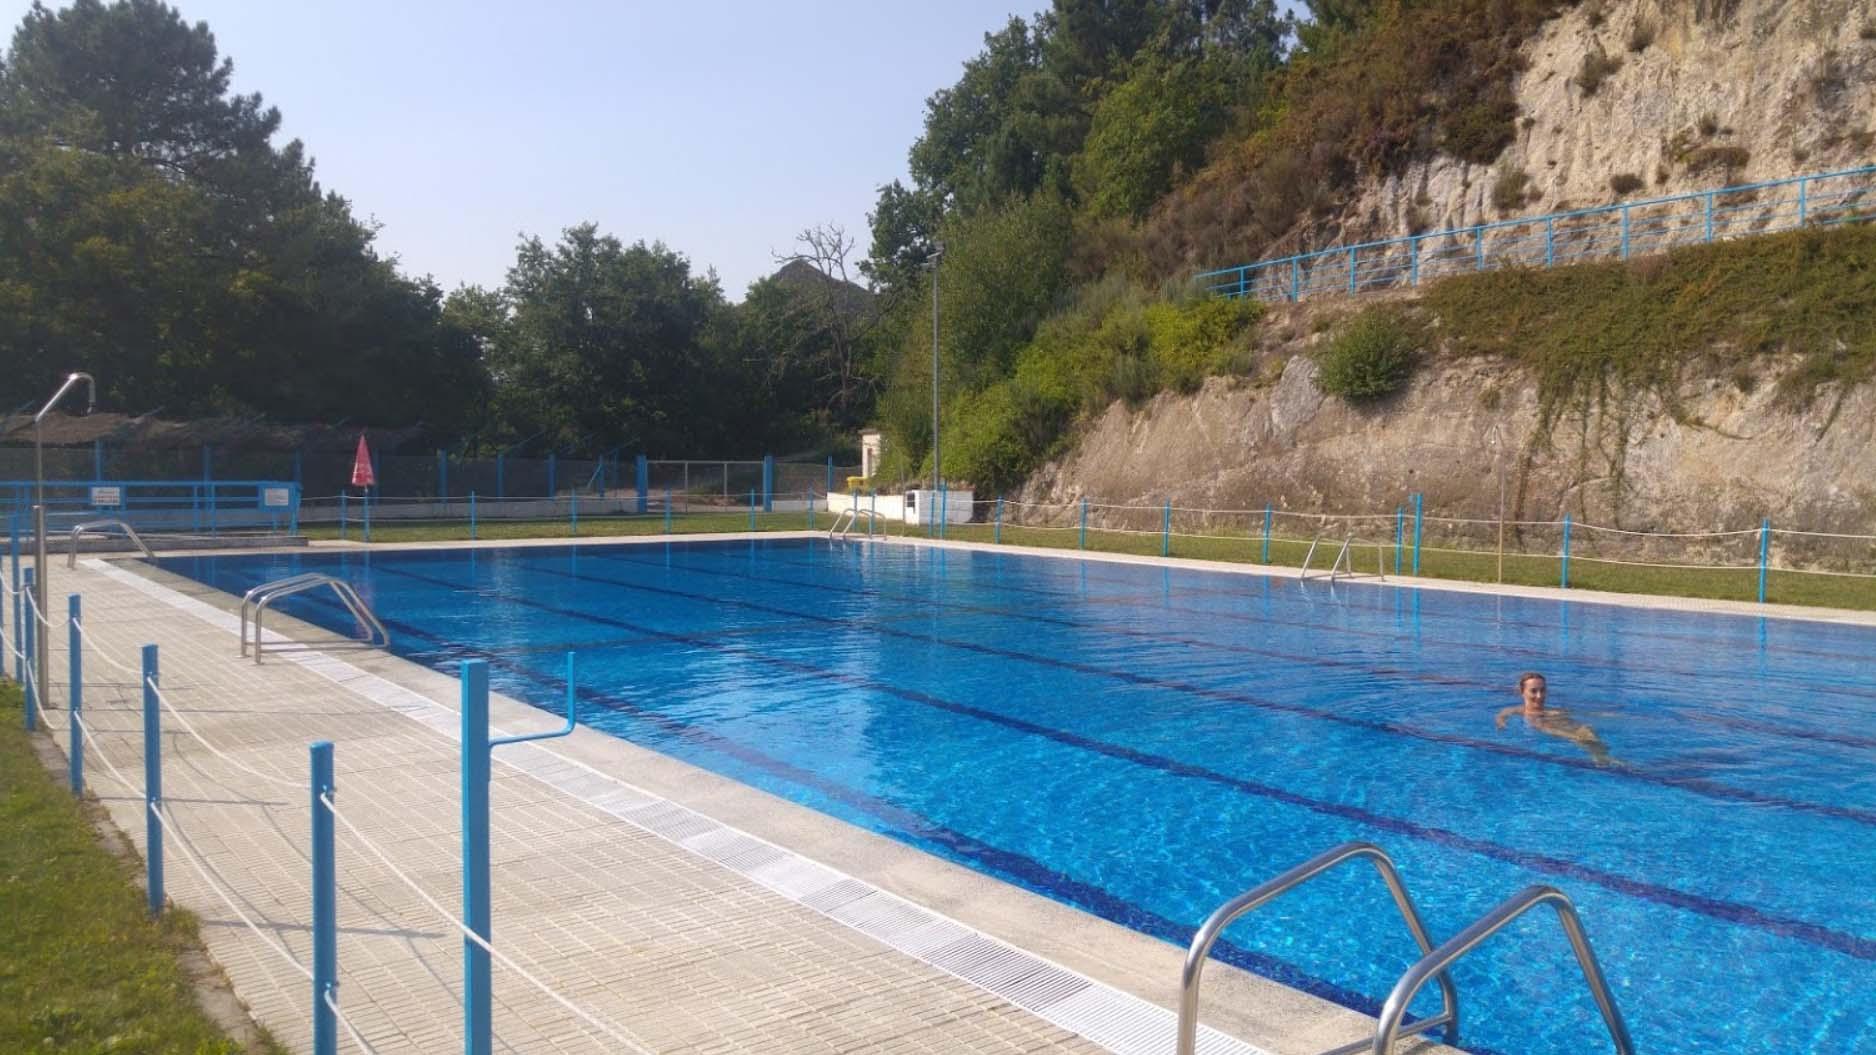 concello-de-esgos-piscinas-municipais-04